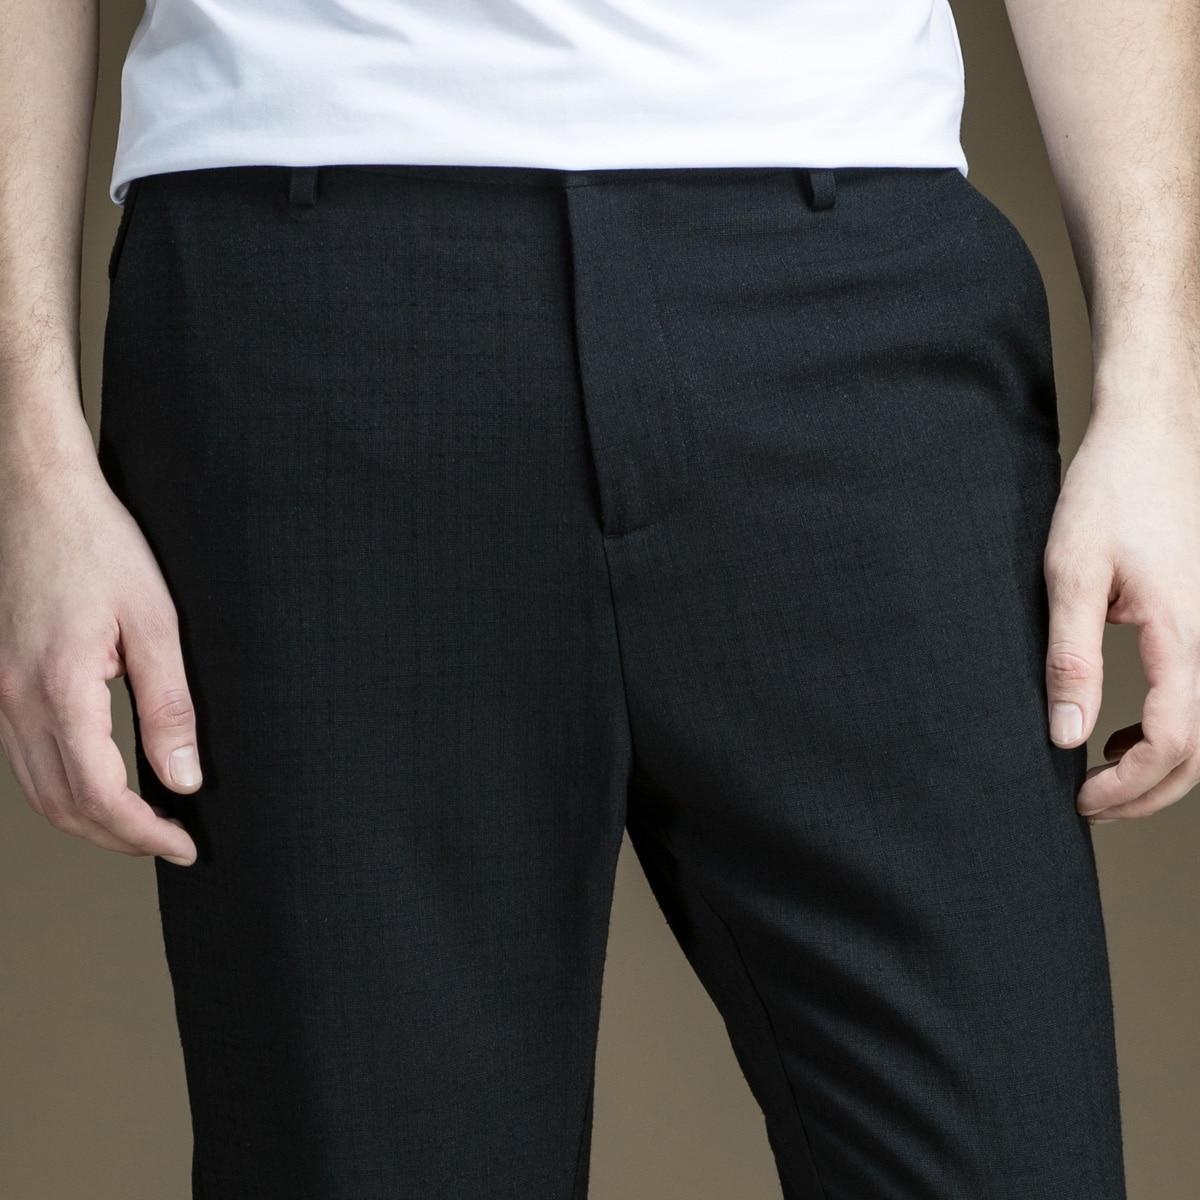 Nueve Minutos En Pie Verano De B172217103 Hombres Longitud See Pinli Midweight Chart Nuevos Pepe Personalidad El Productos Casual Pantalones Hombre 2019 fxTBaa